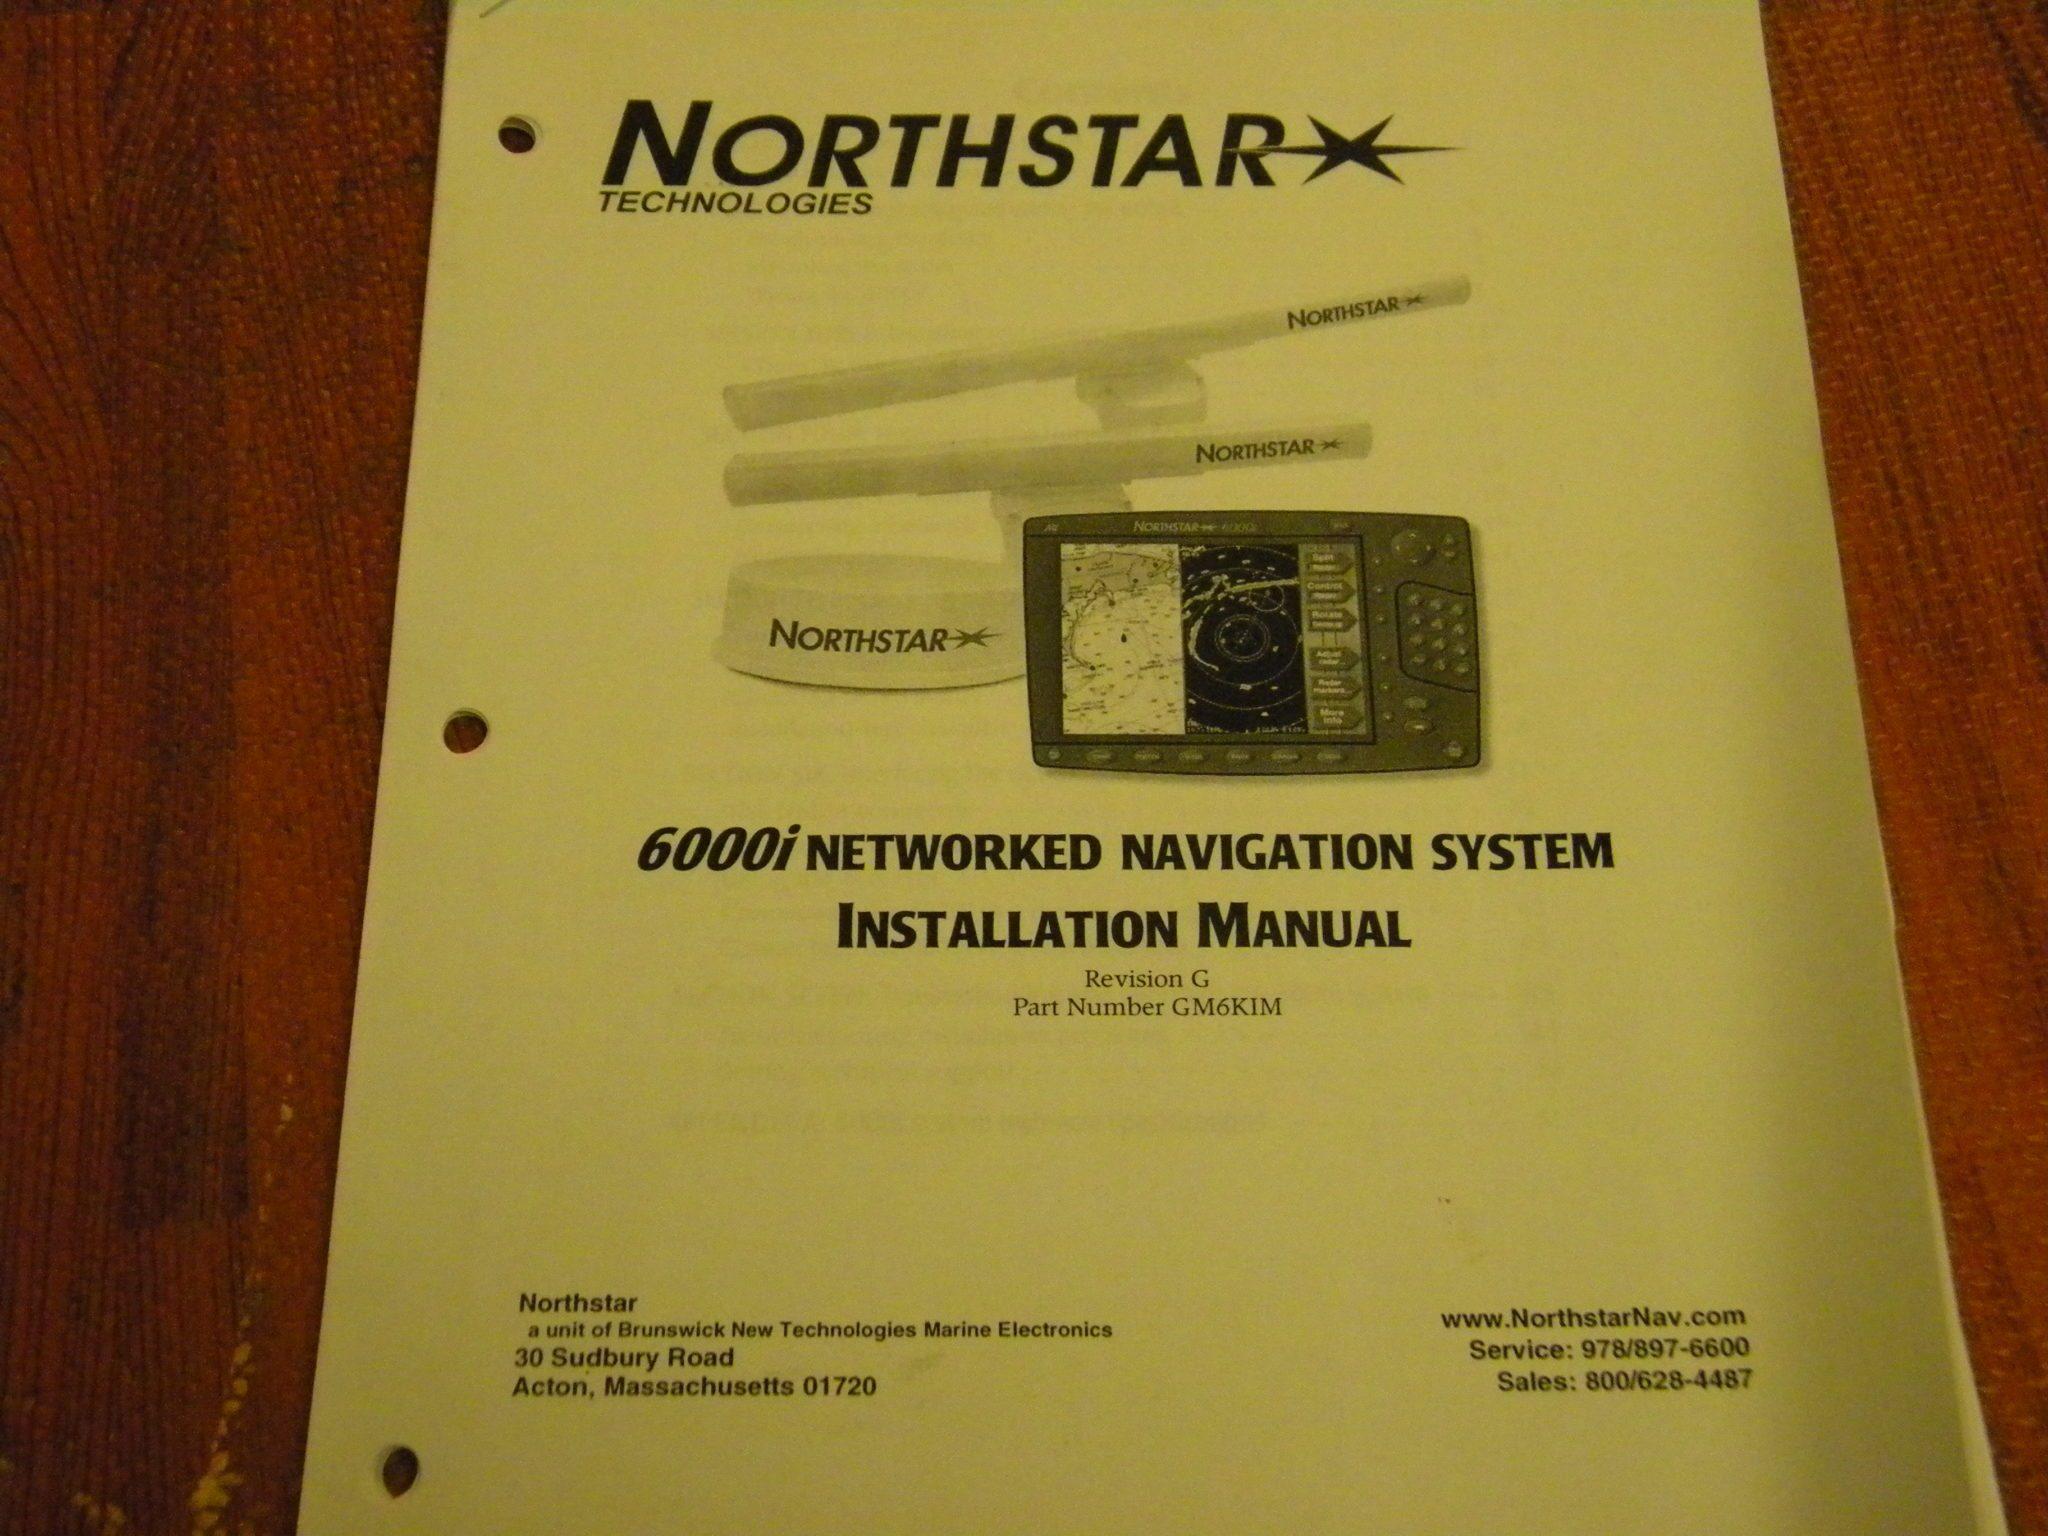 northstar 6000i networked navigation system installation manual rev rh maxmarineelectronics com North Star 6100I Manual Northstar 6000I Dimensions